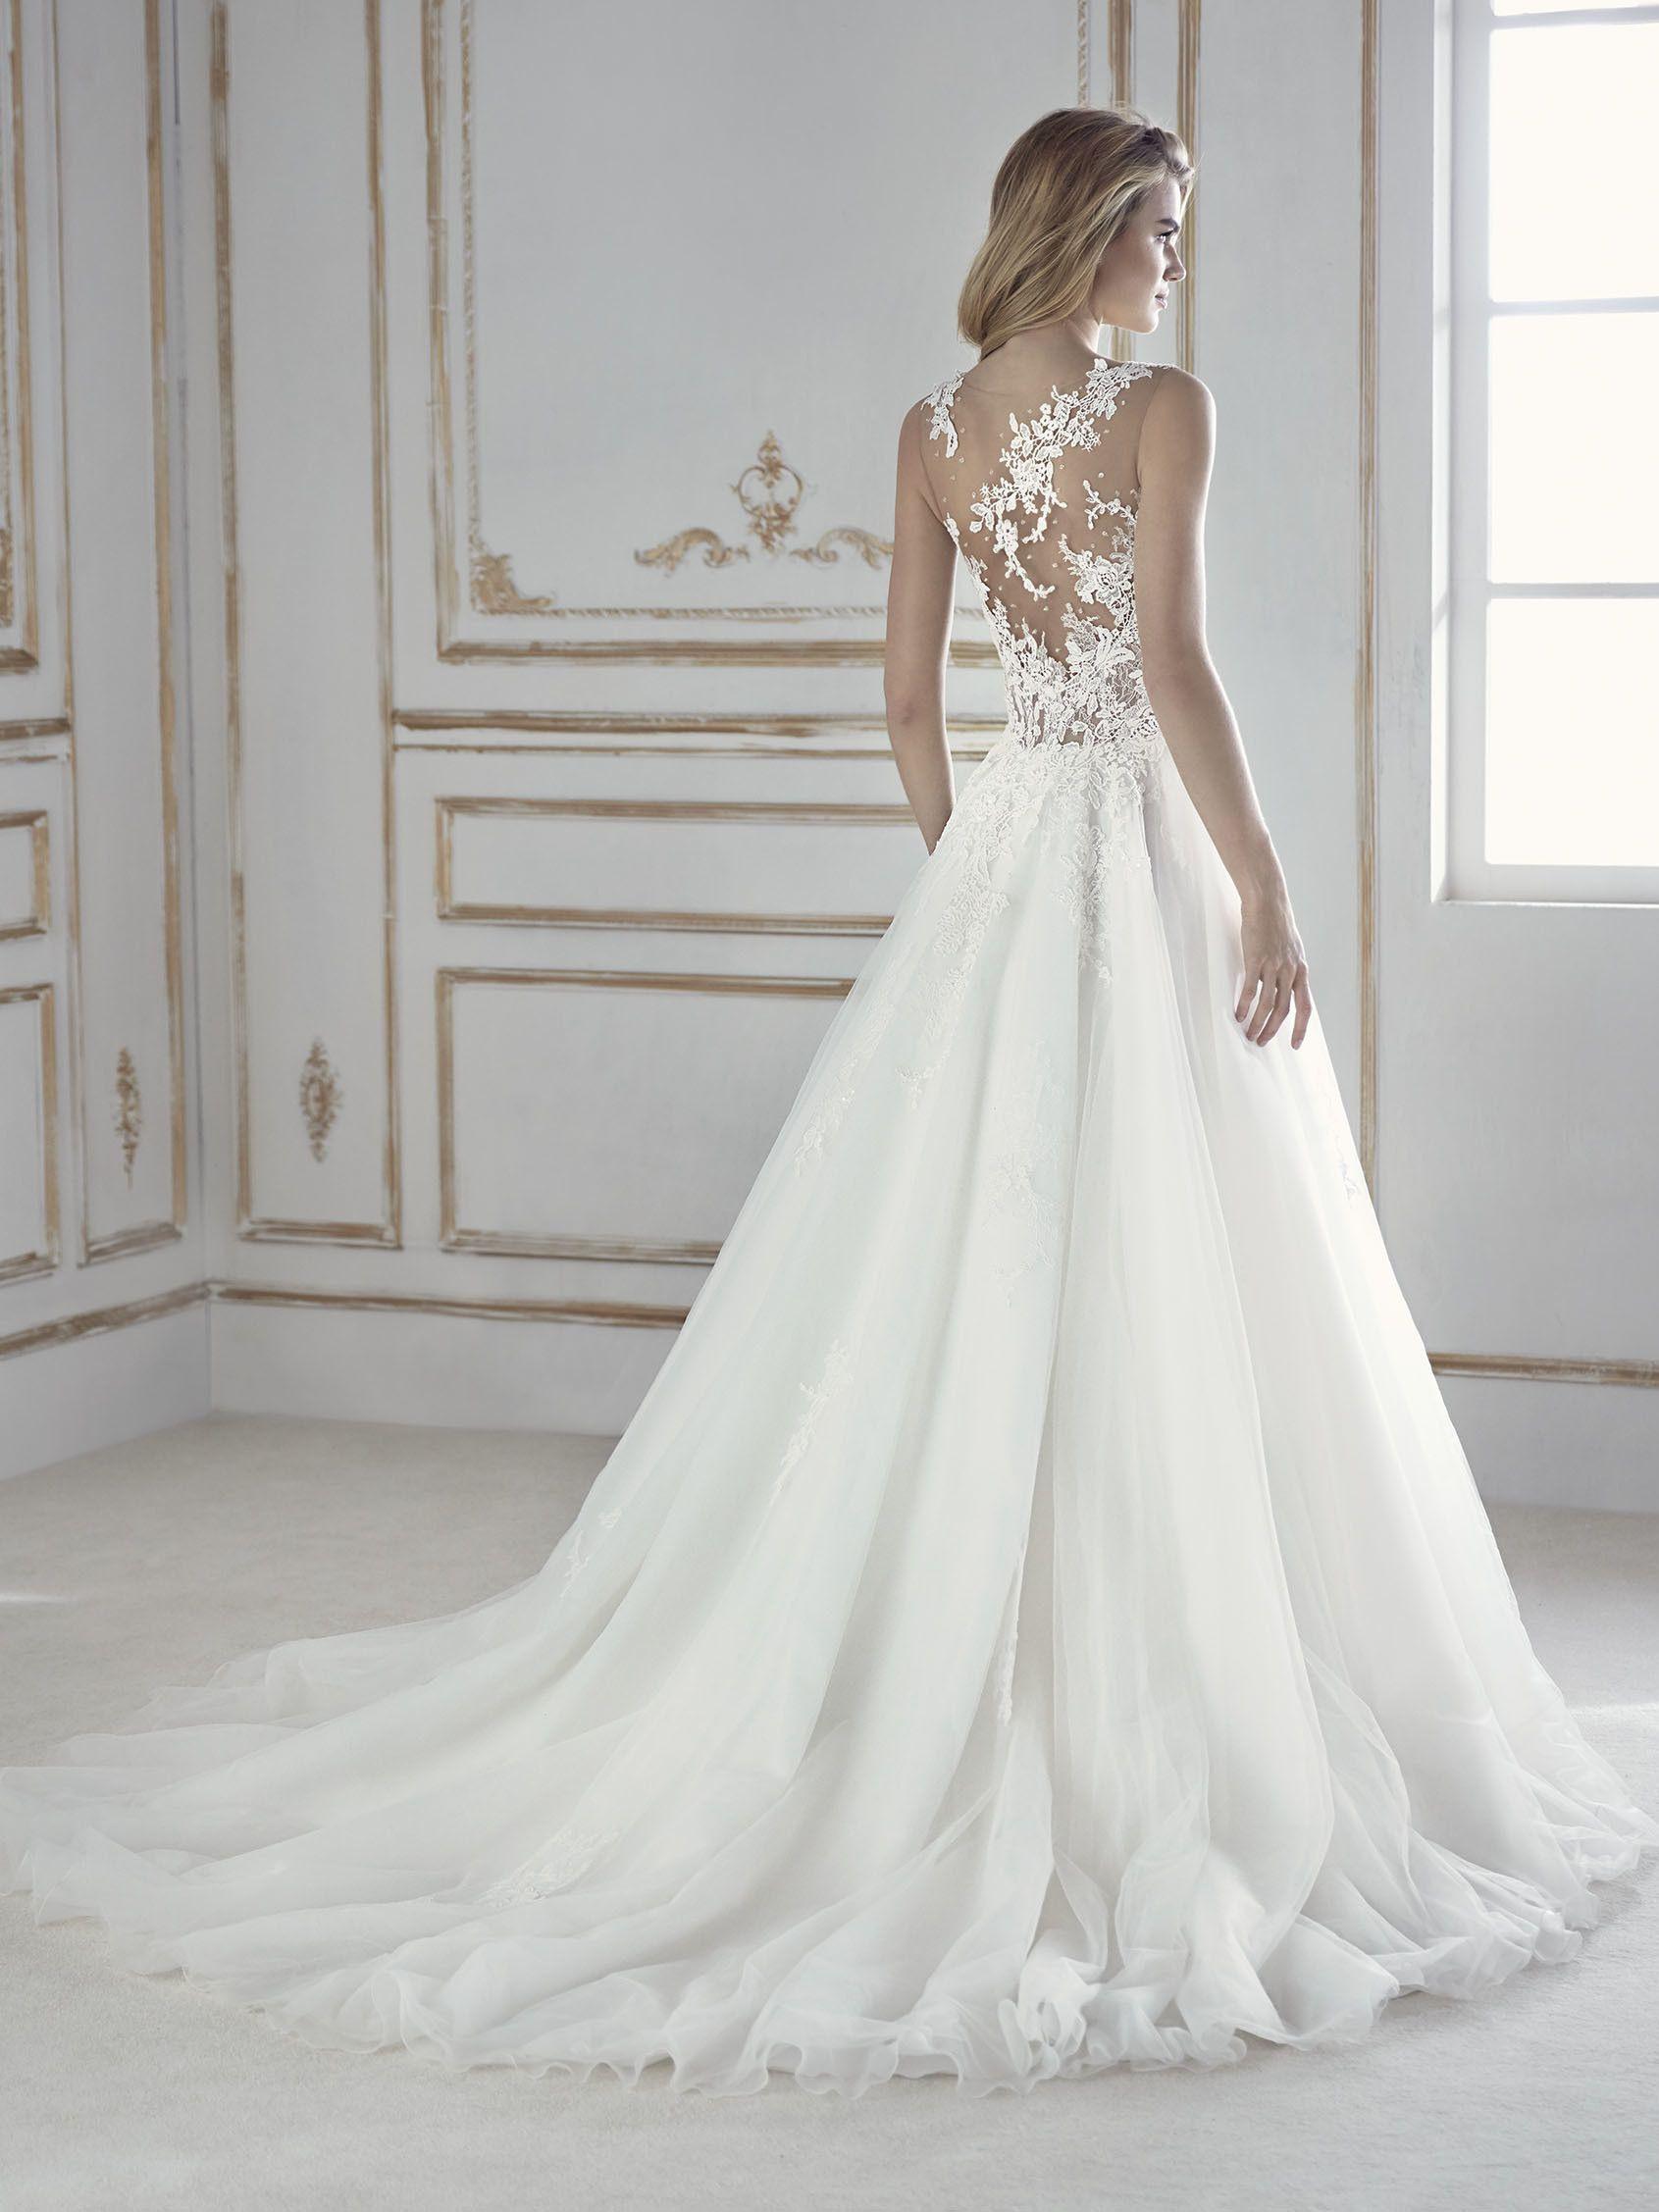 Perla Prinzessinstil  Hochzeit Kleidung Kleid Hochzeit